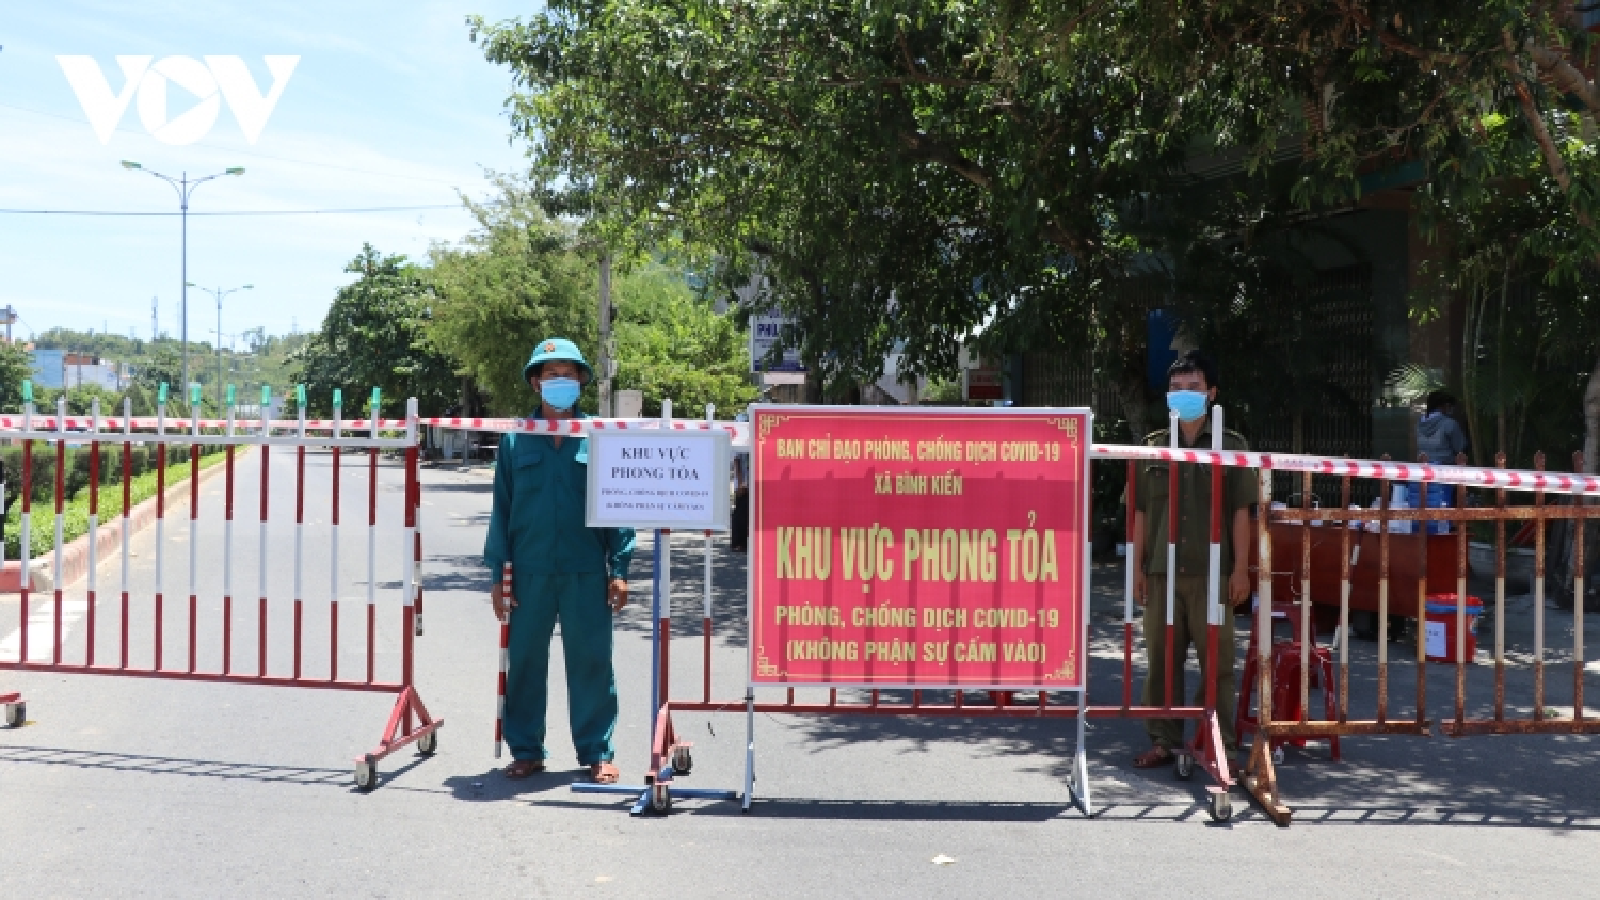 Thành phố Tuy Hòa (Phú Yên) thực hiện giãn cách xã hội theo Chỉ thị 15